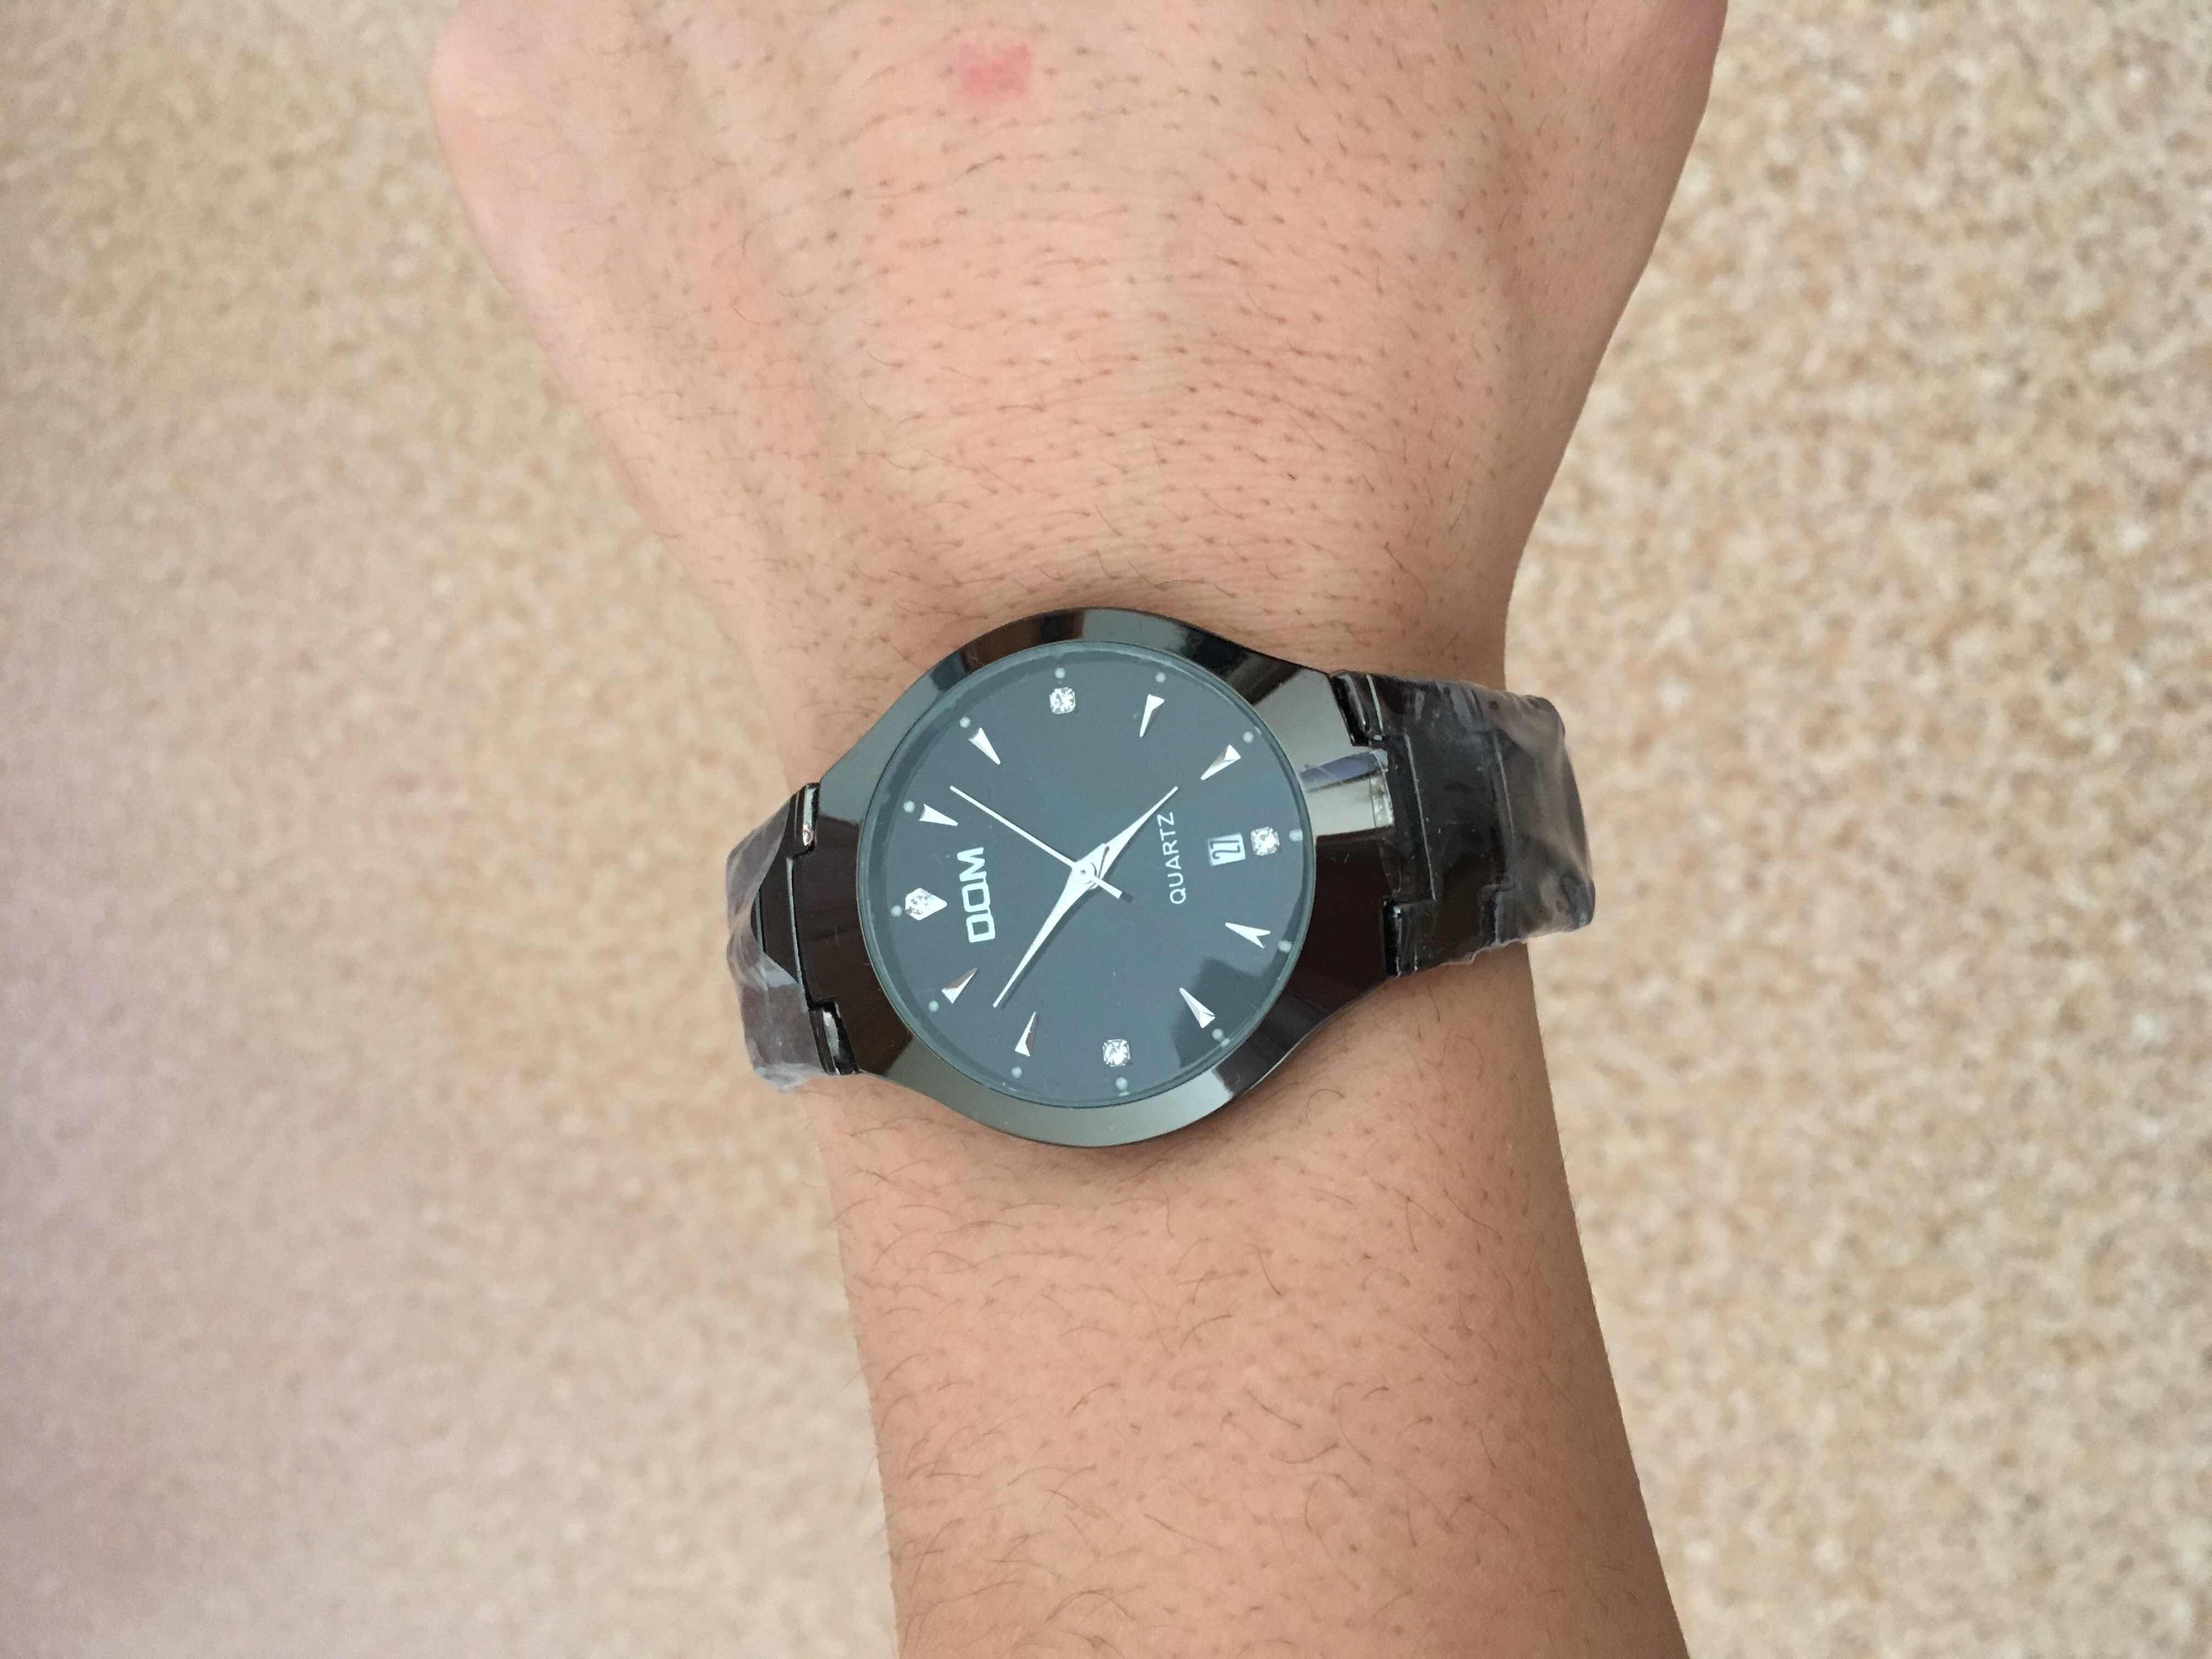 aebe825c Продаю мужские Часы DOM .Очень хорошие ,надёжные часы.+ нож кредитка в  подарок 👍Неубиваемые часы DOM выполнены из вольфрамовой стали и оснащены  долговечным ...